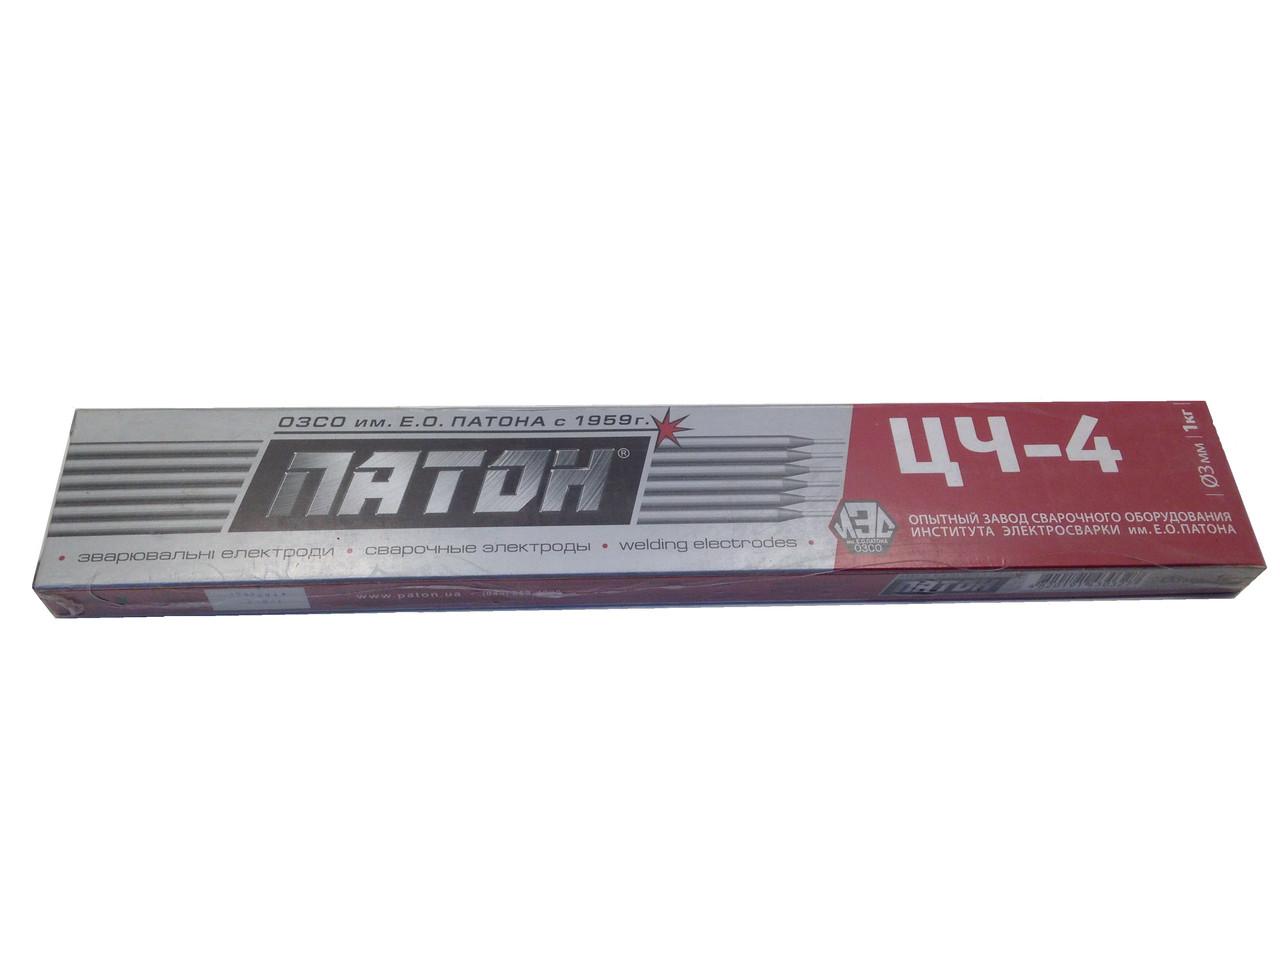 Электроды по чугуну ЦЧ-4 ф3/1кг, Патон